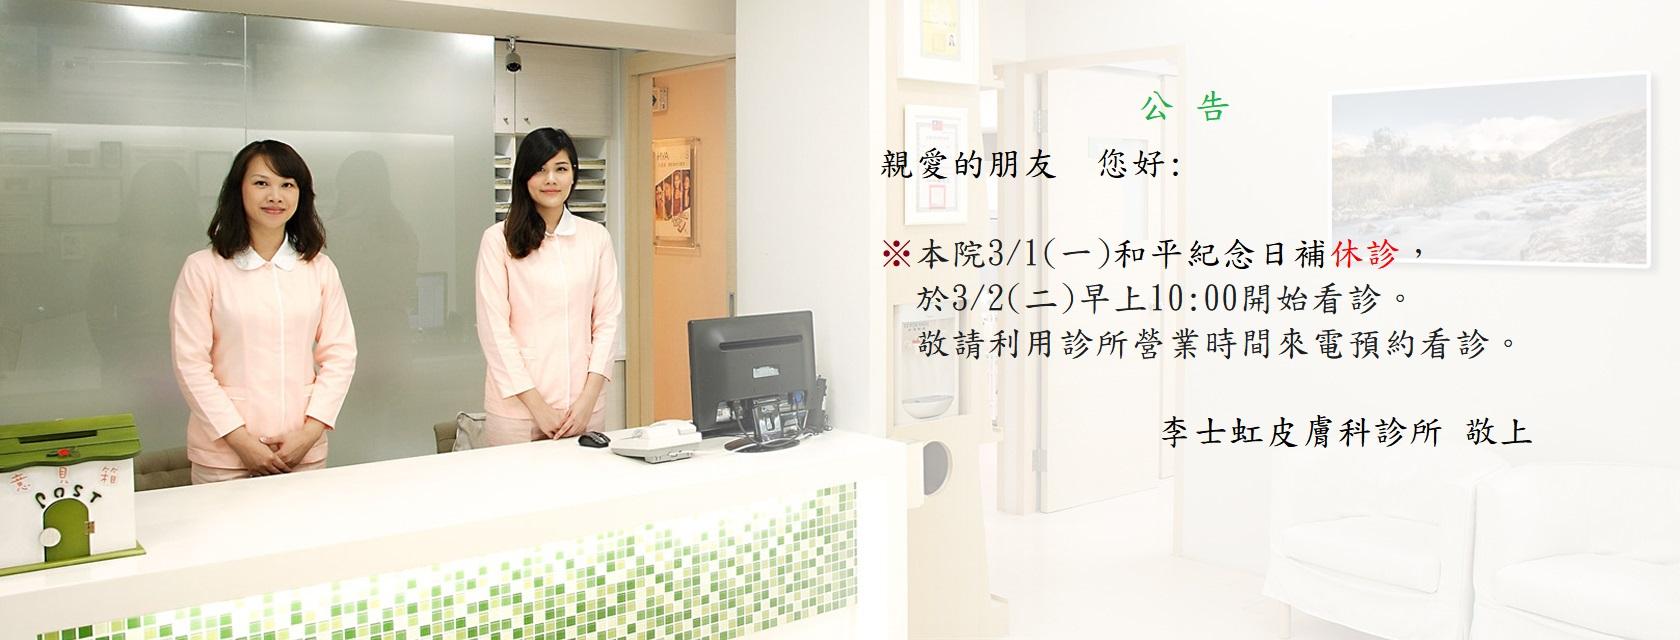 李士虹皮膚科網站底圖banner - 複製 (3)